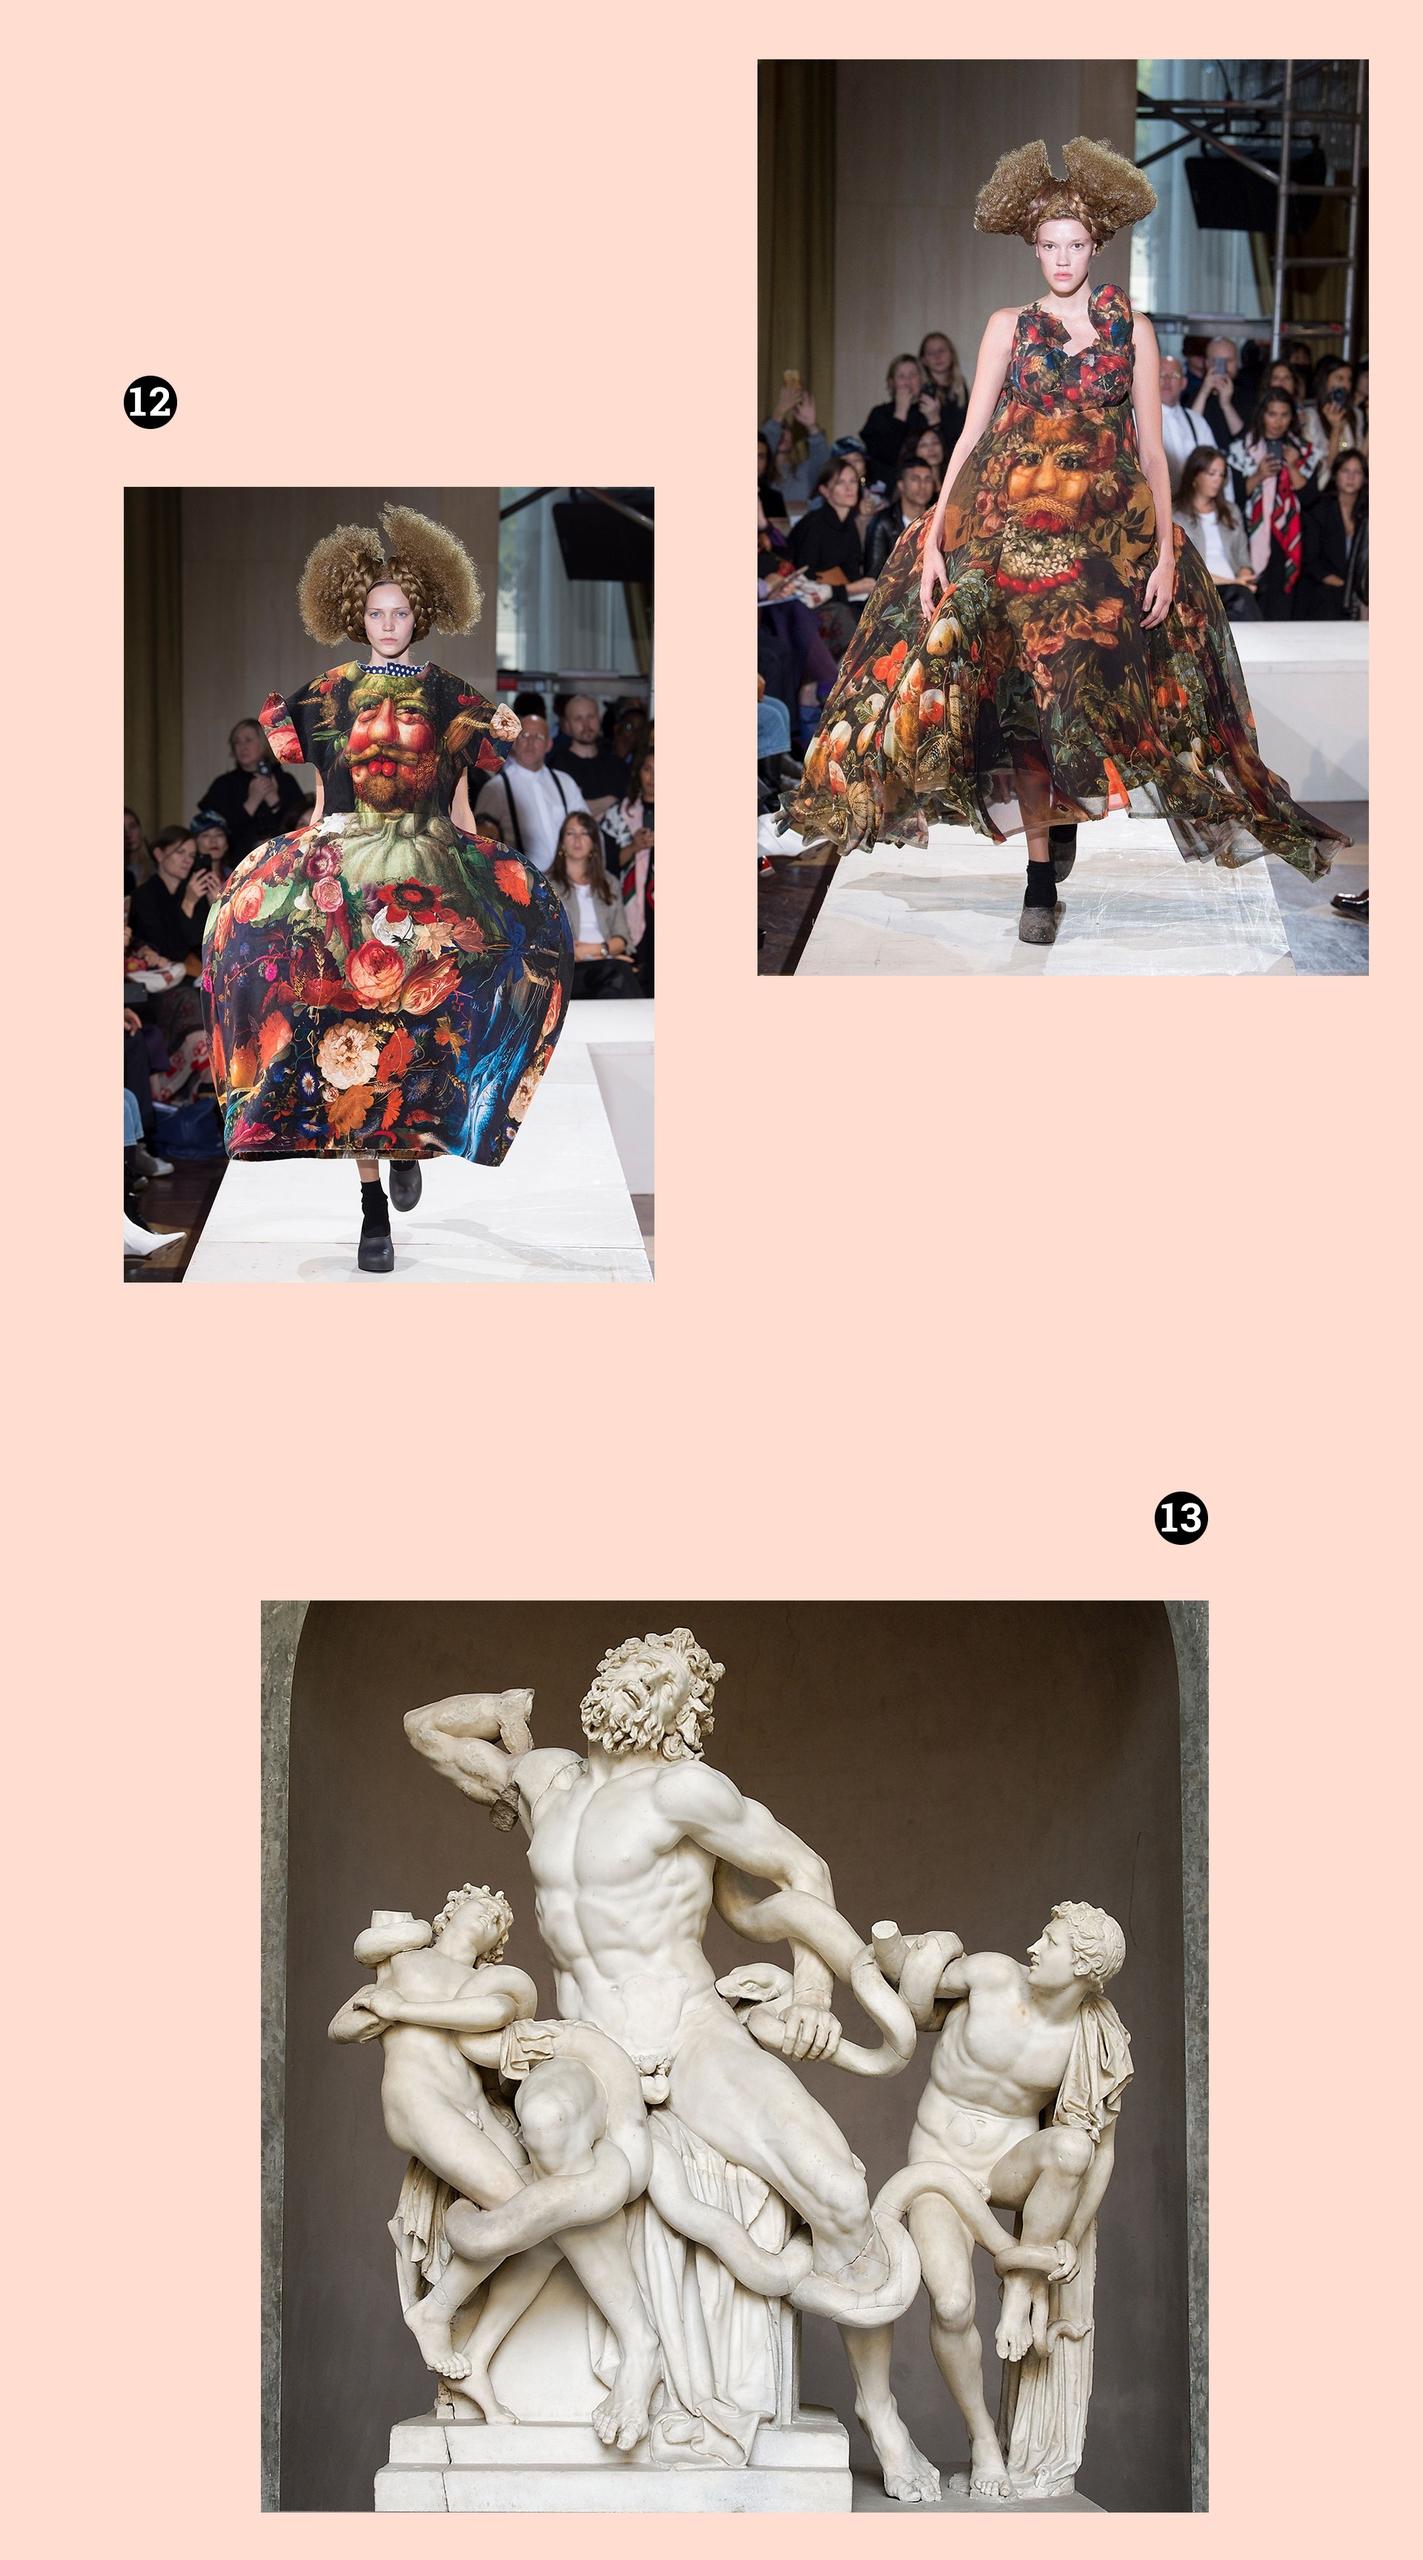 Obraz przedstawia trzy fotografie na beżowym tle. Na dwóch znajdują się postaci kobiece w kostiumach, na jednej rzeźba z marmuru.